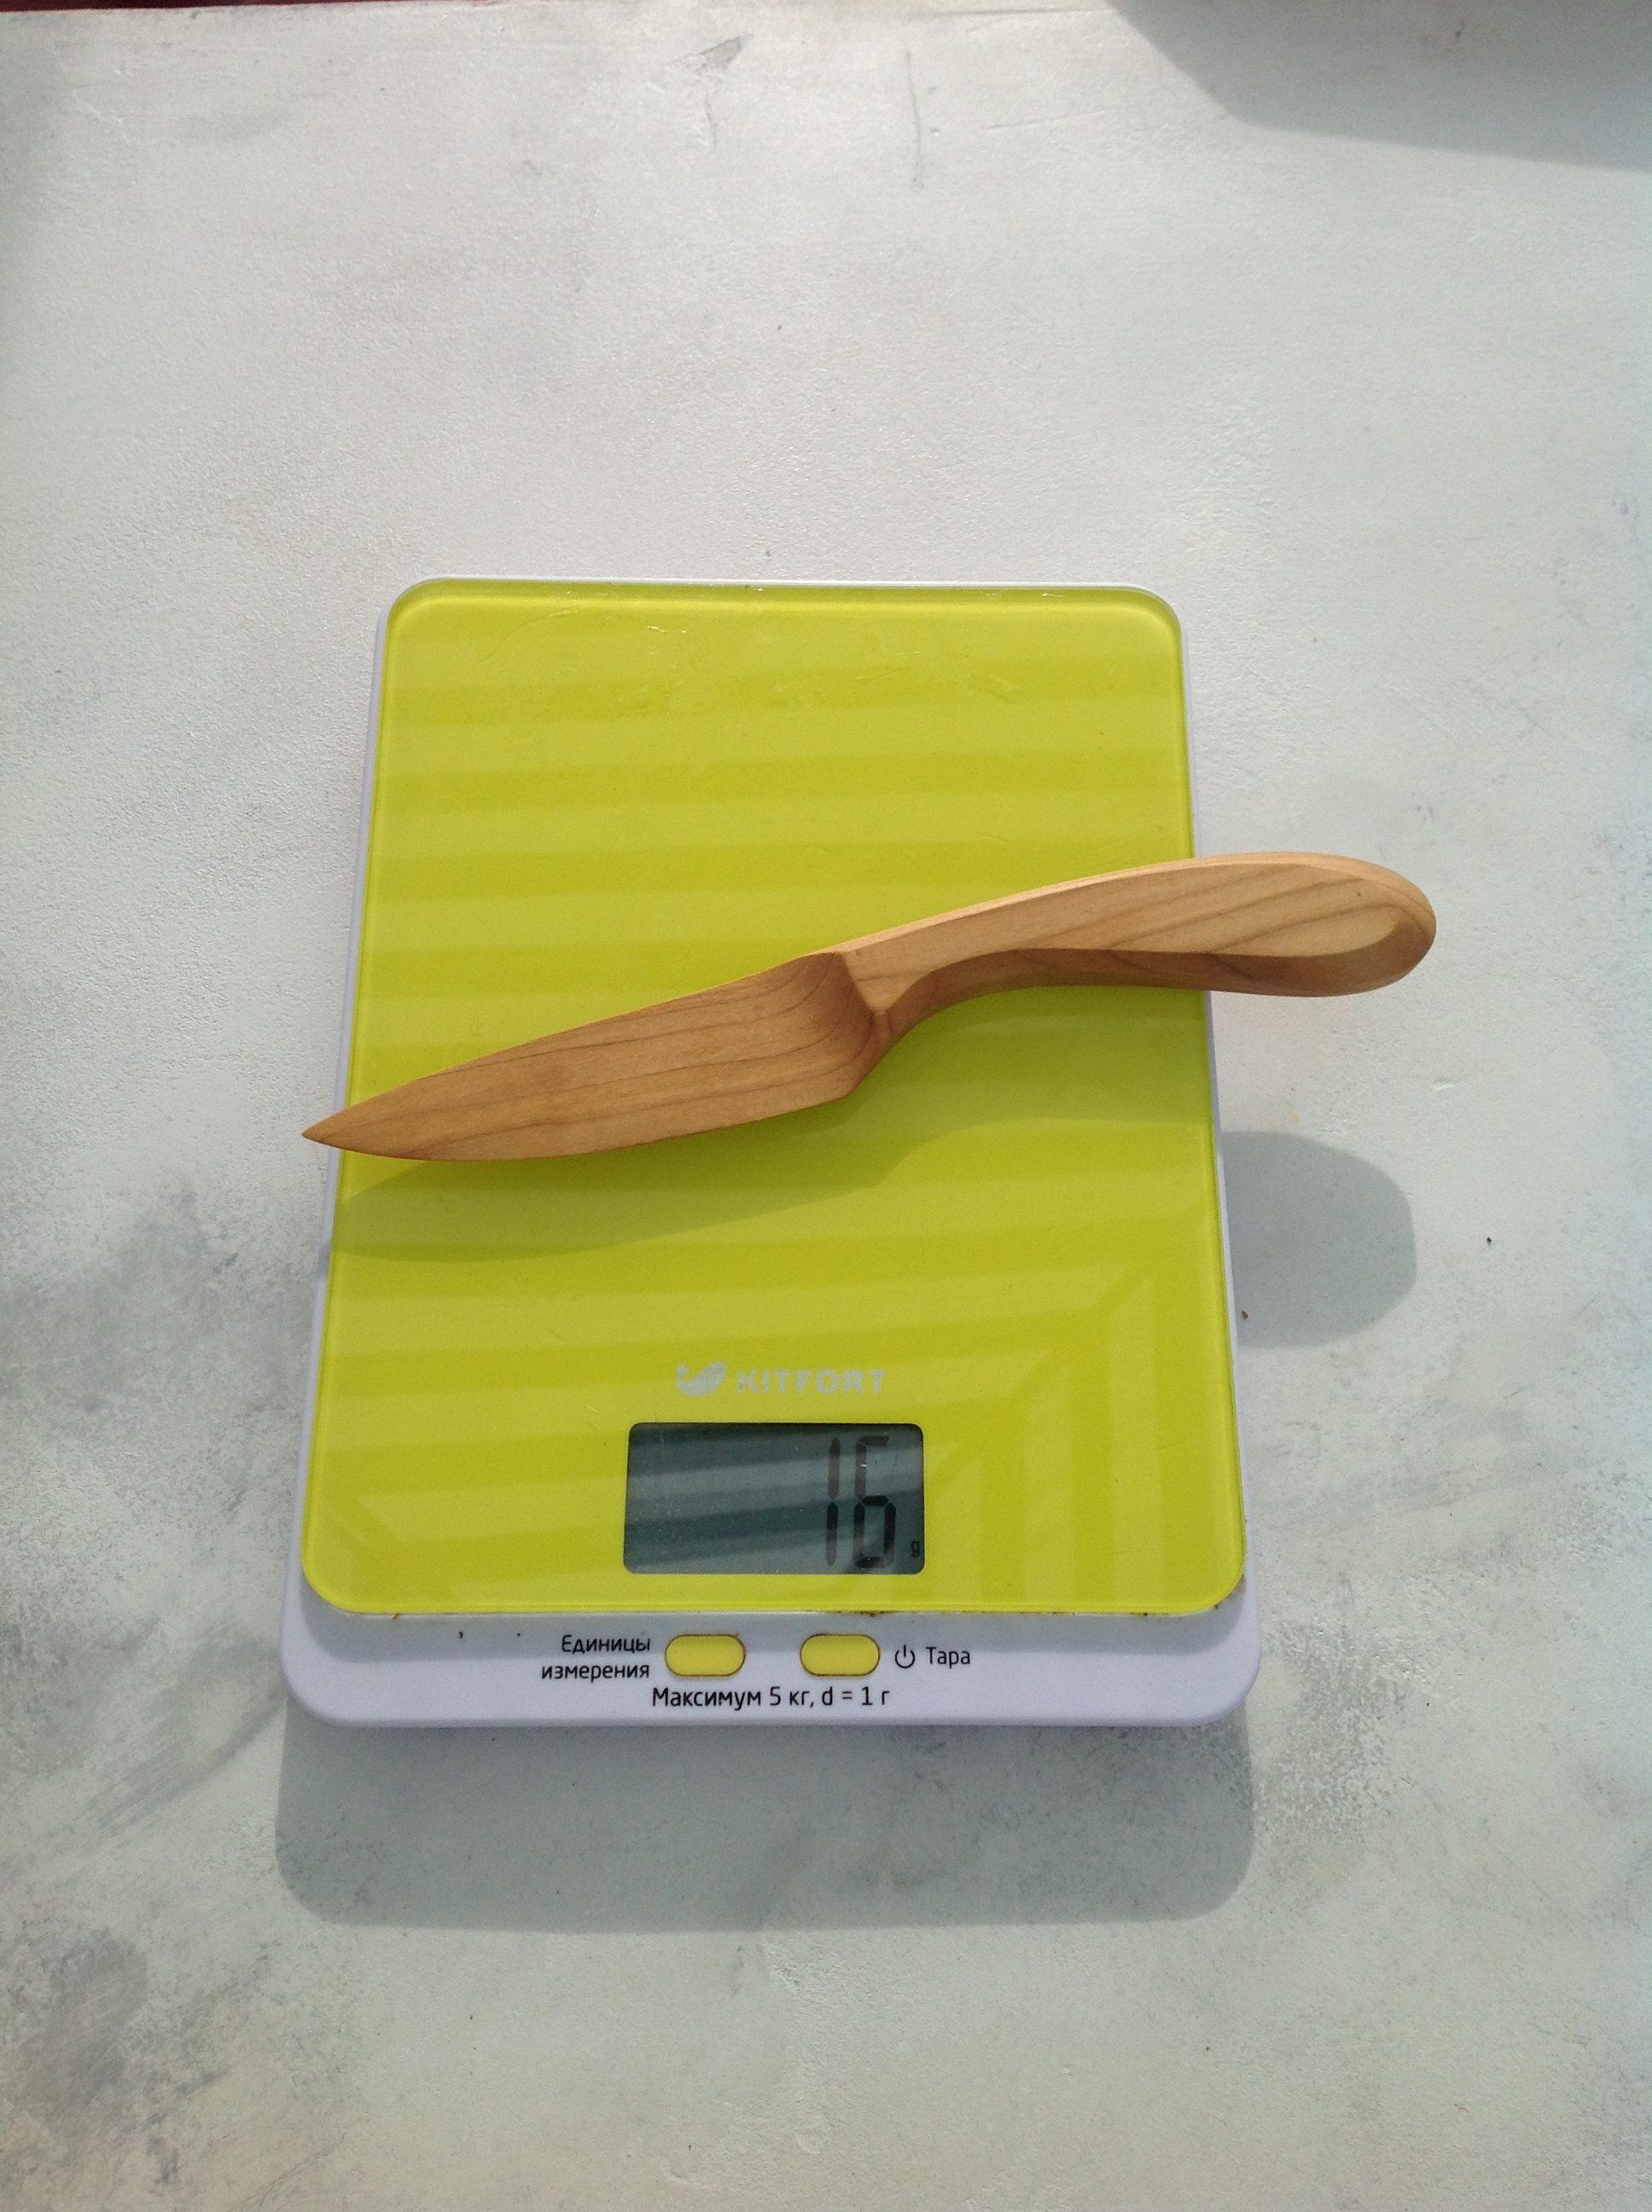 вес сувенирного деревянного ножа среднего